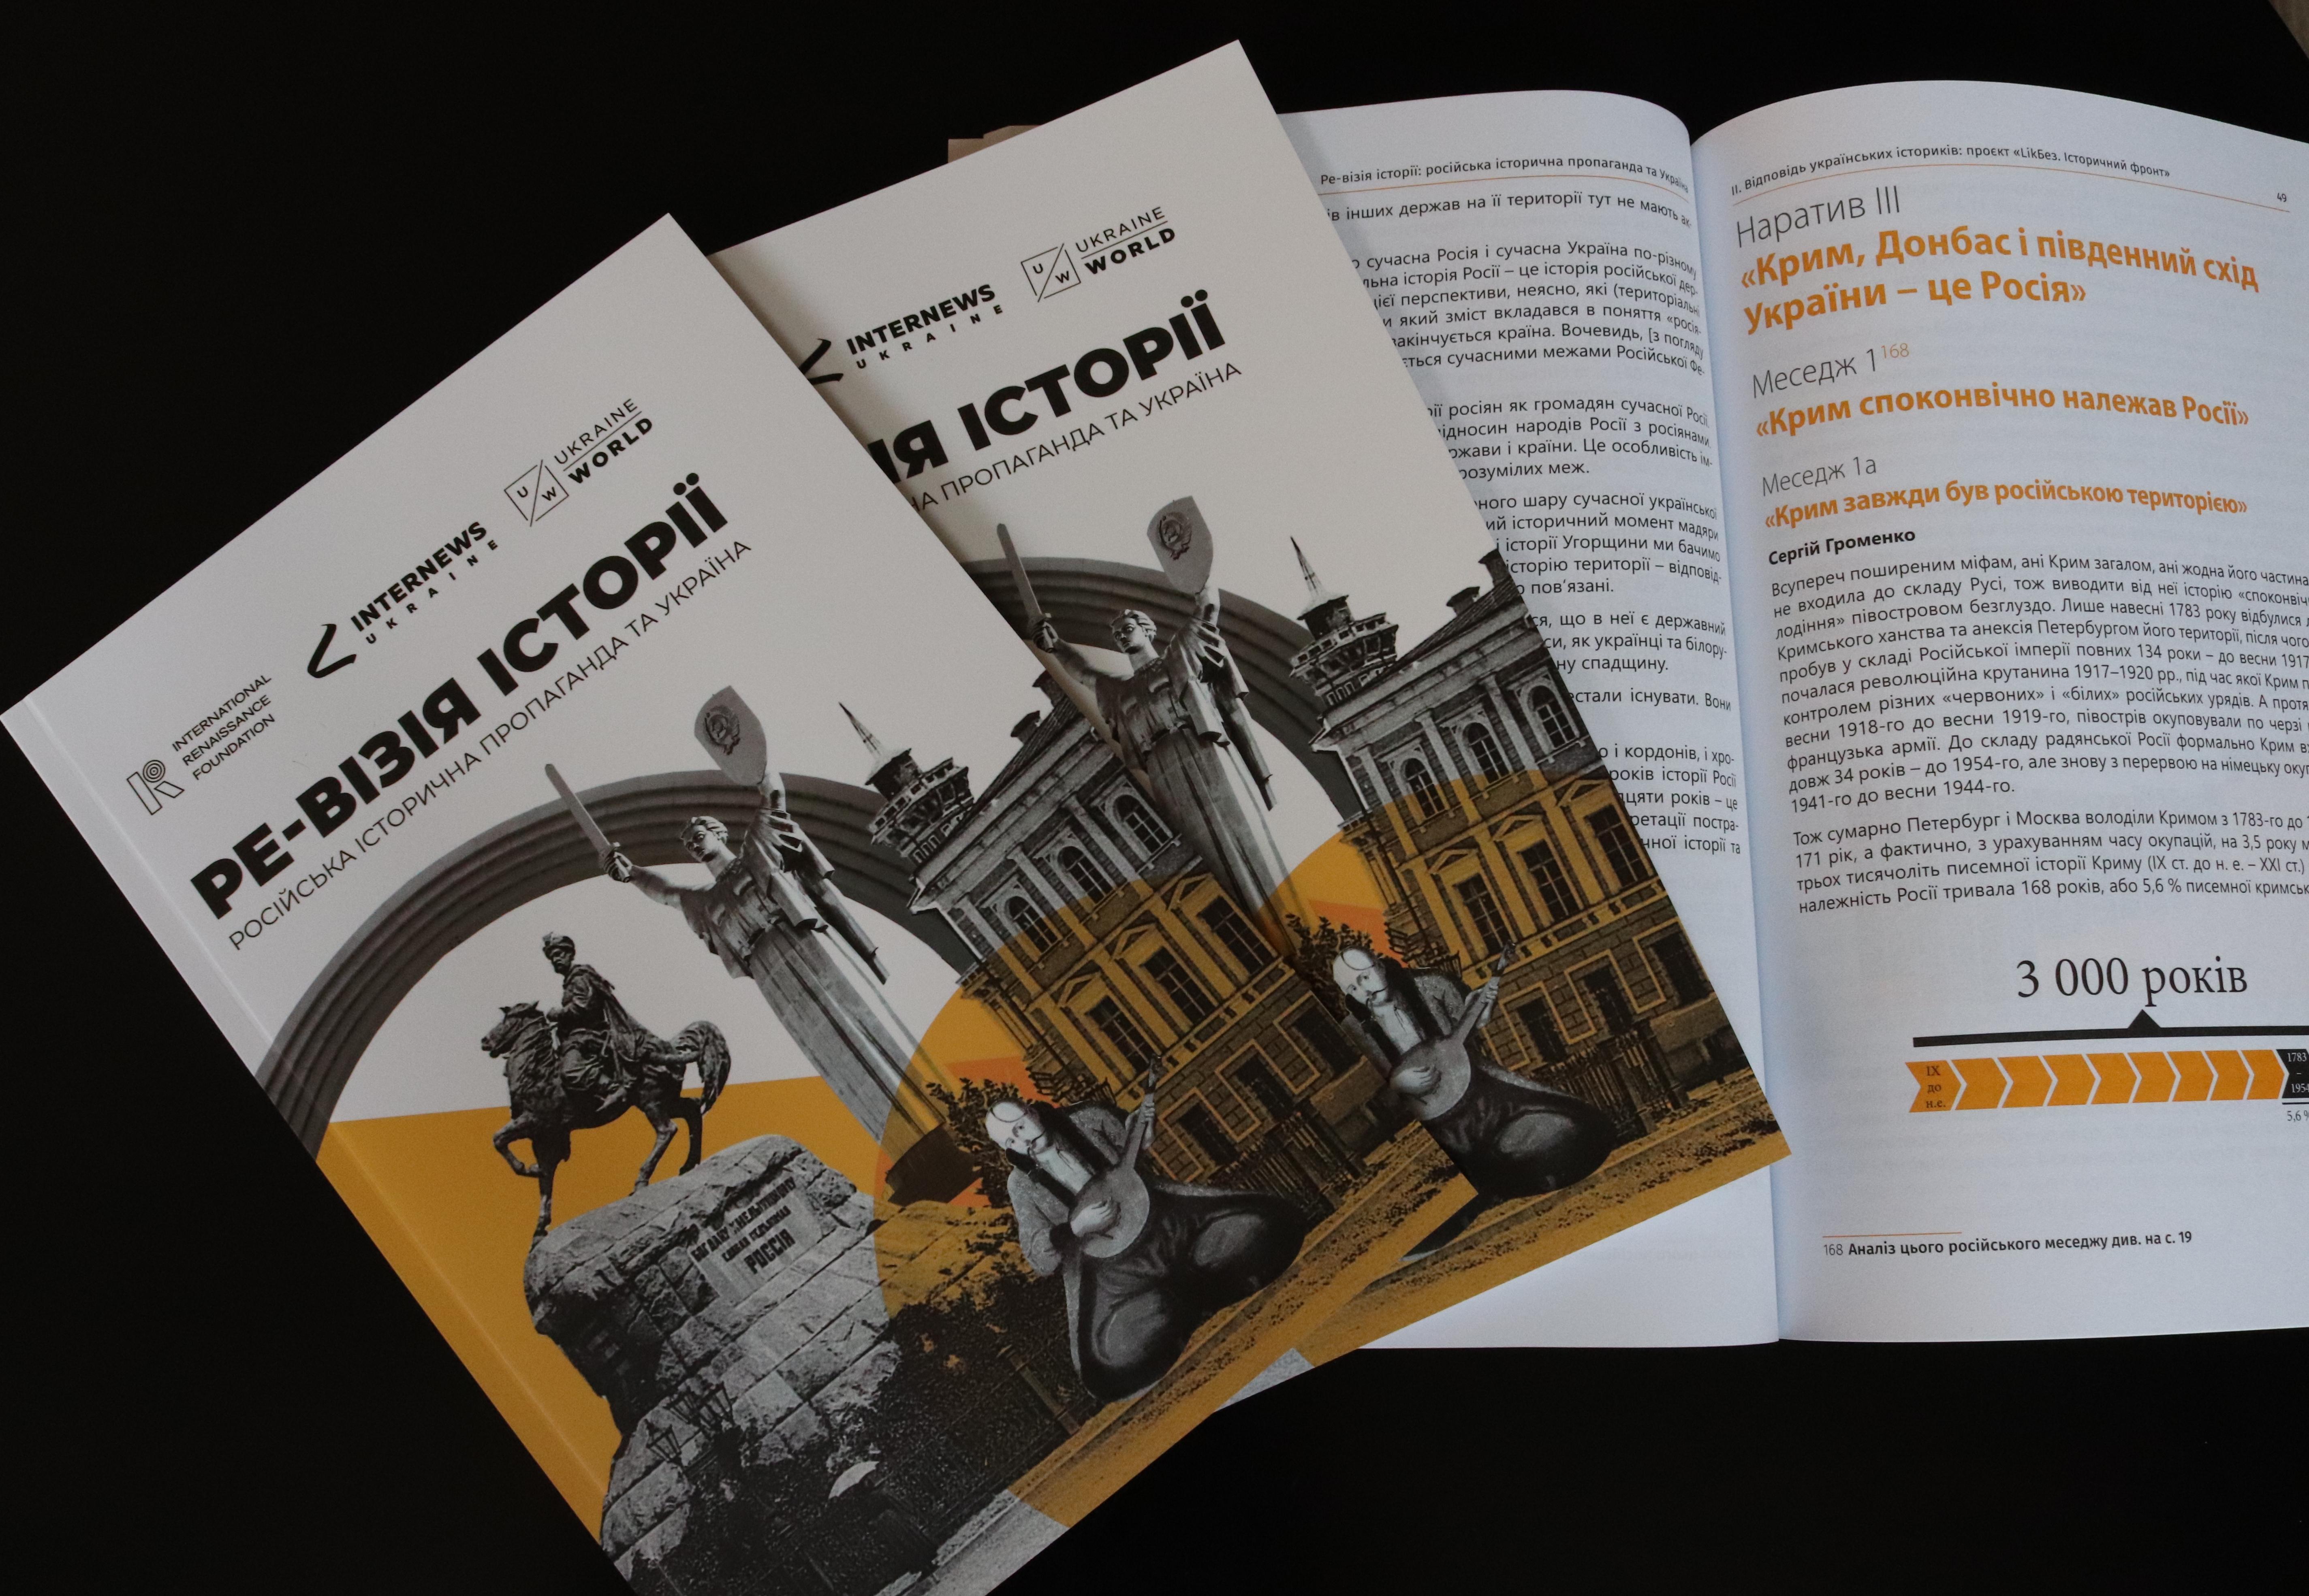 ревізія історії російська пропаганда інтерньюз україна книга